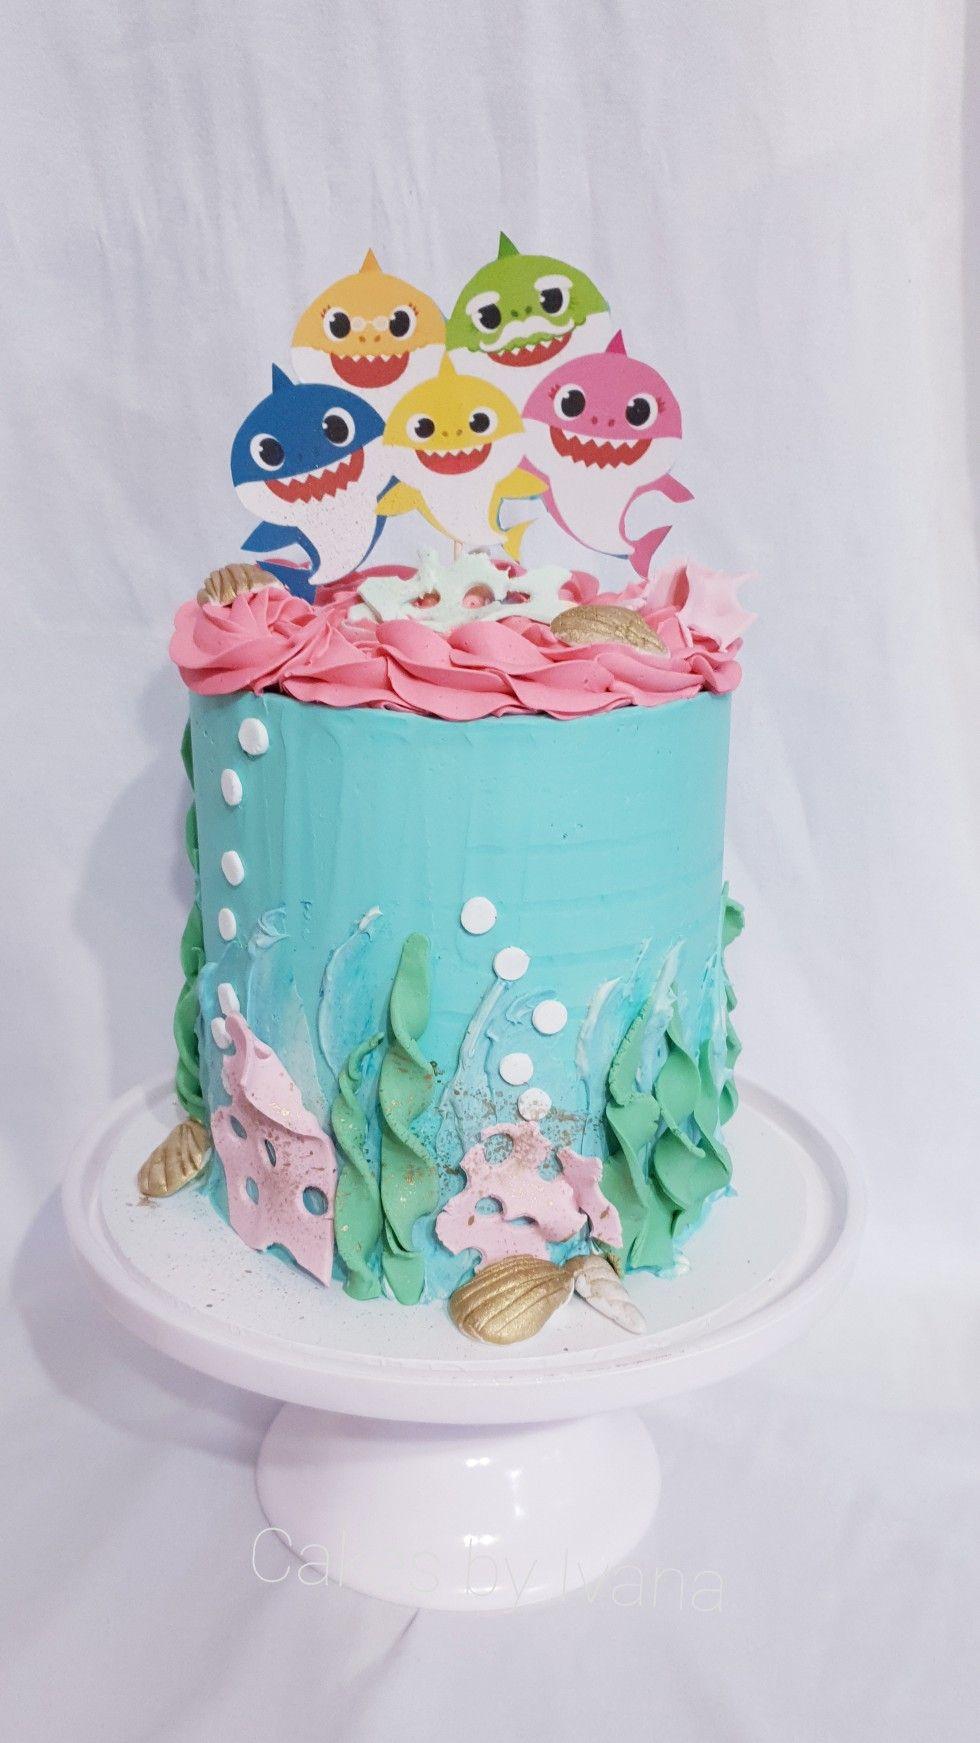 Baby shark themed birthday cake kuchen ideen